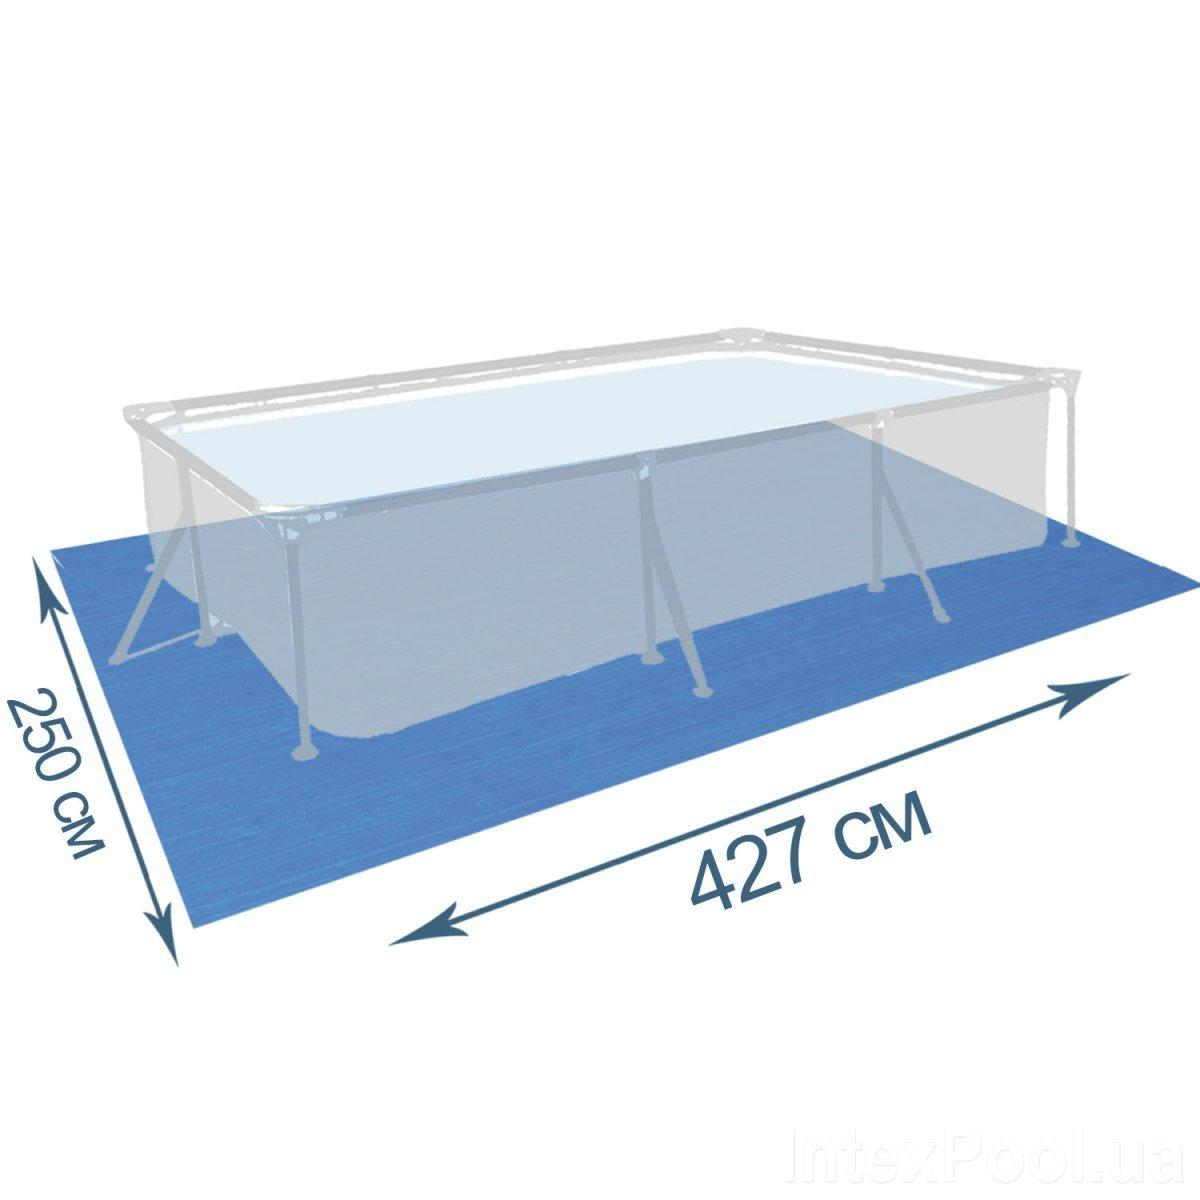 Подстилка для бассейна IntexPool 55002, 427 х 250 см, прямоугольная